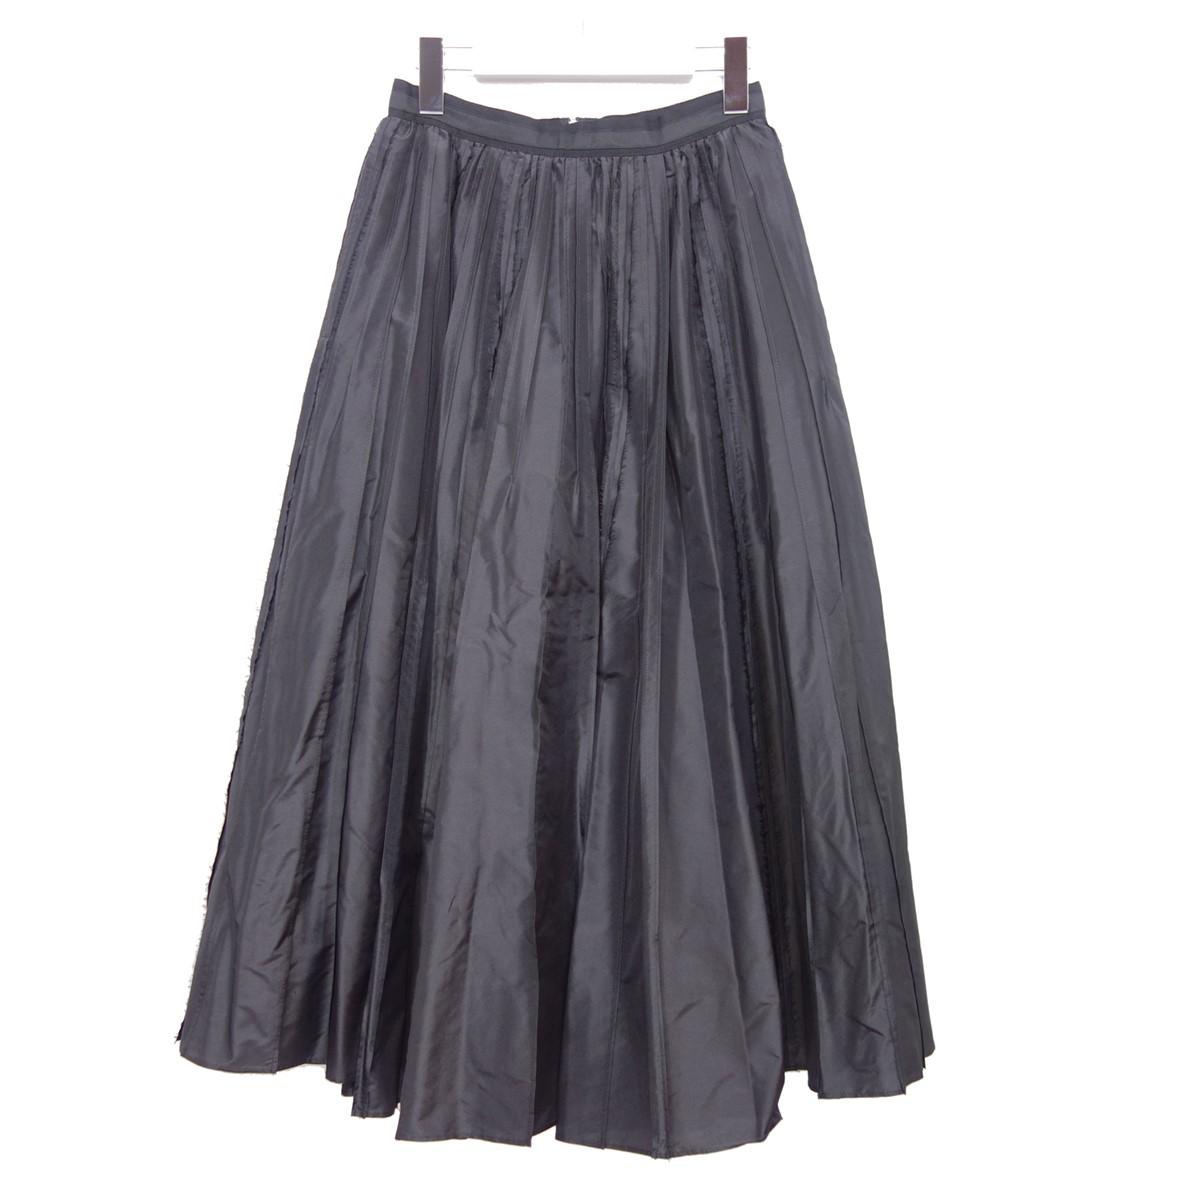 【中古】FOXEY 40992 シルクフレアスカート ブラック サイズ:38 【150720】(フォクシー)